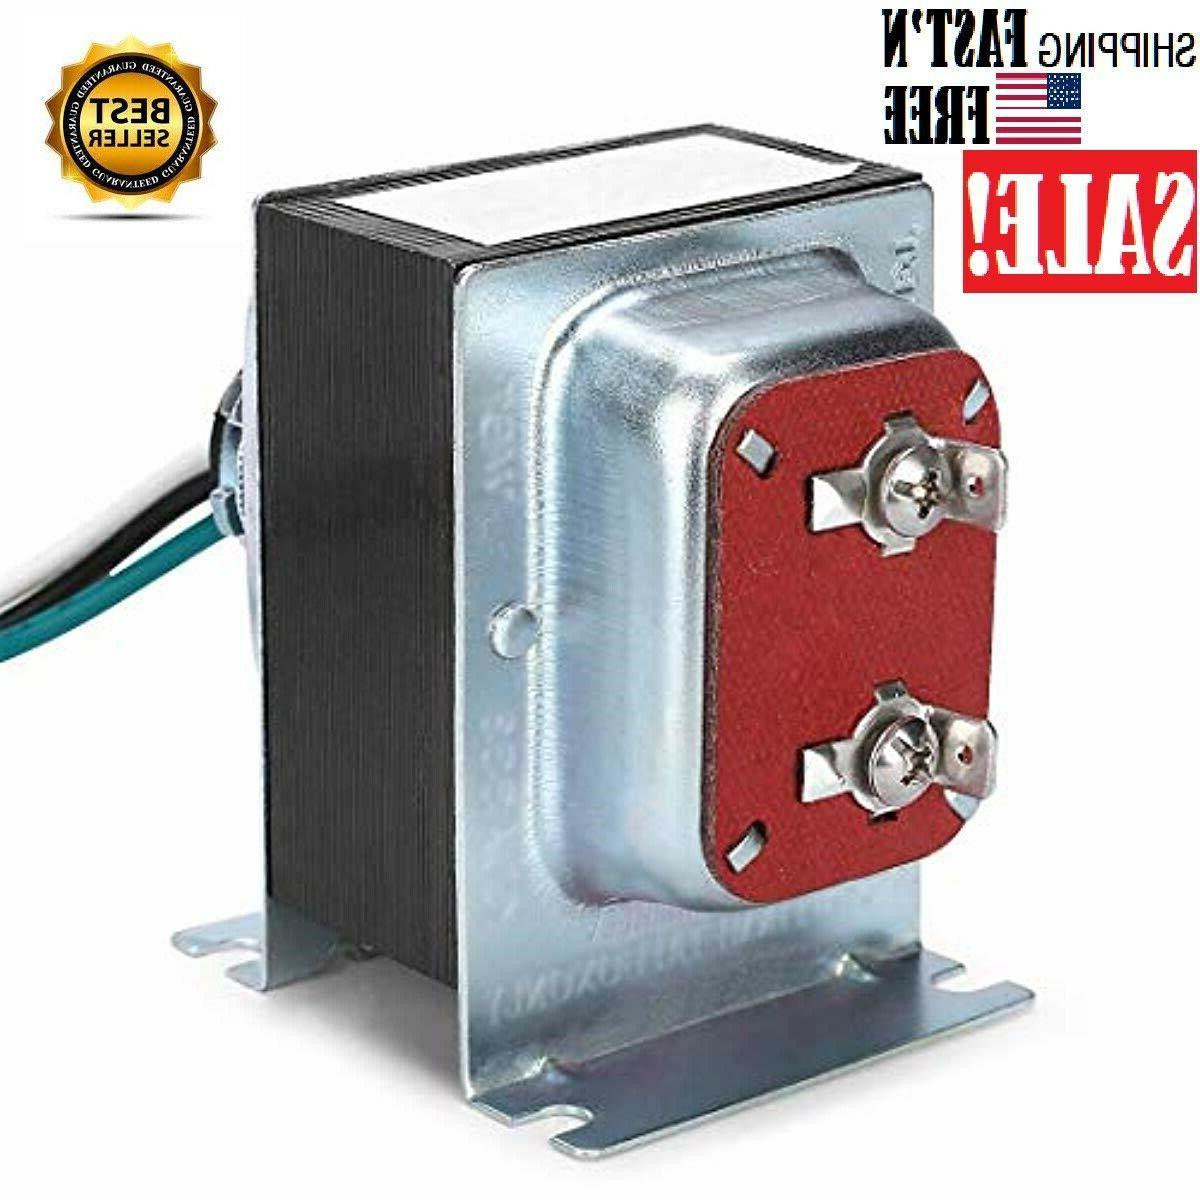 Pro 40VA Doorbell Transformer Compatible Nest,